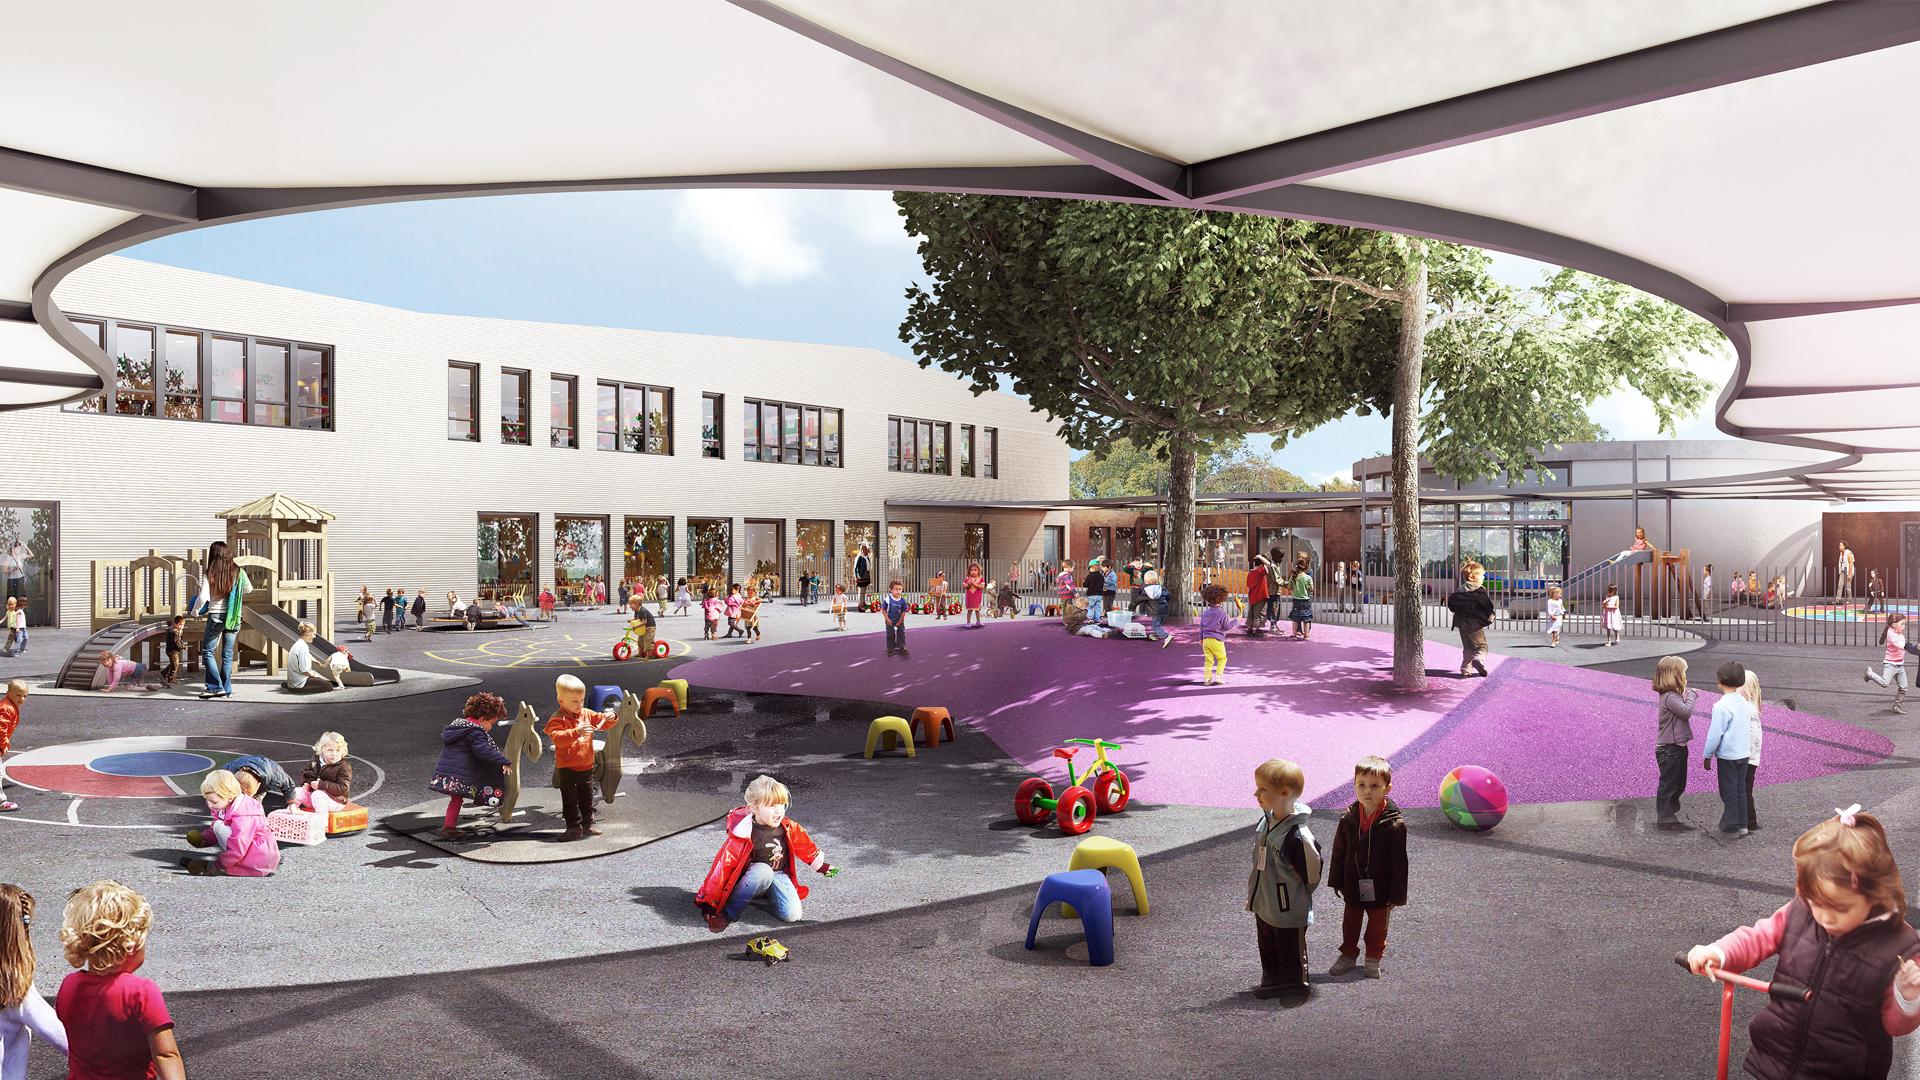 Infographie - Des cours abritées et chaleureuses pour les enfants - Groupe scolaire Falcucci, Toulouse - Seuil architecture